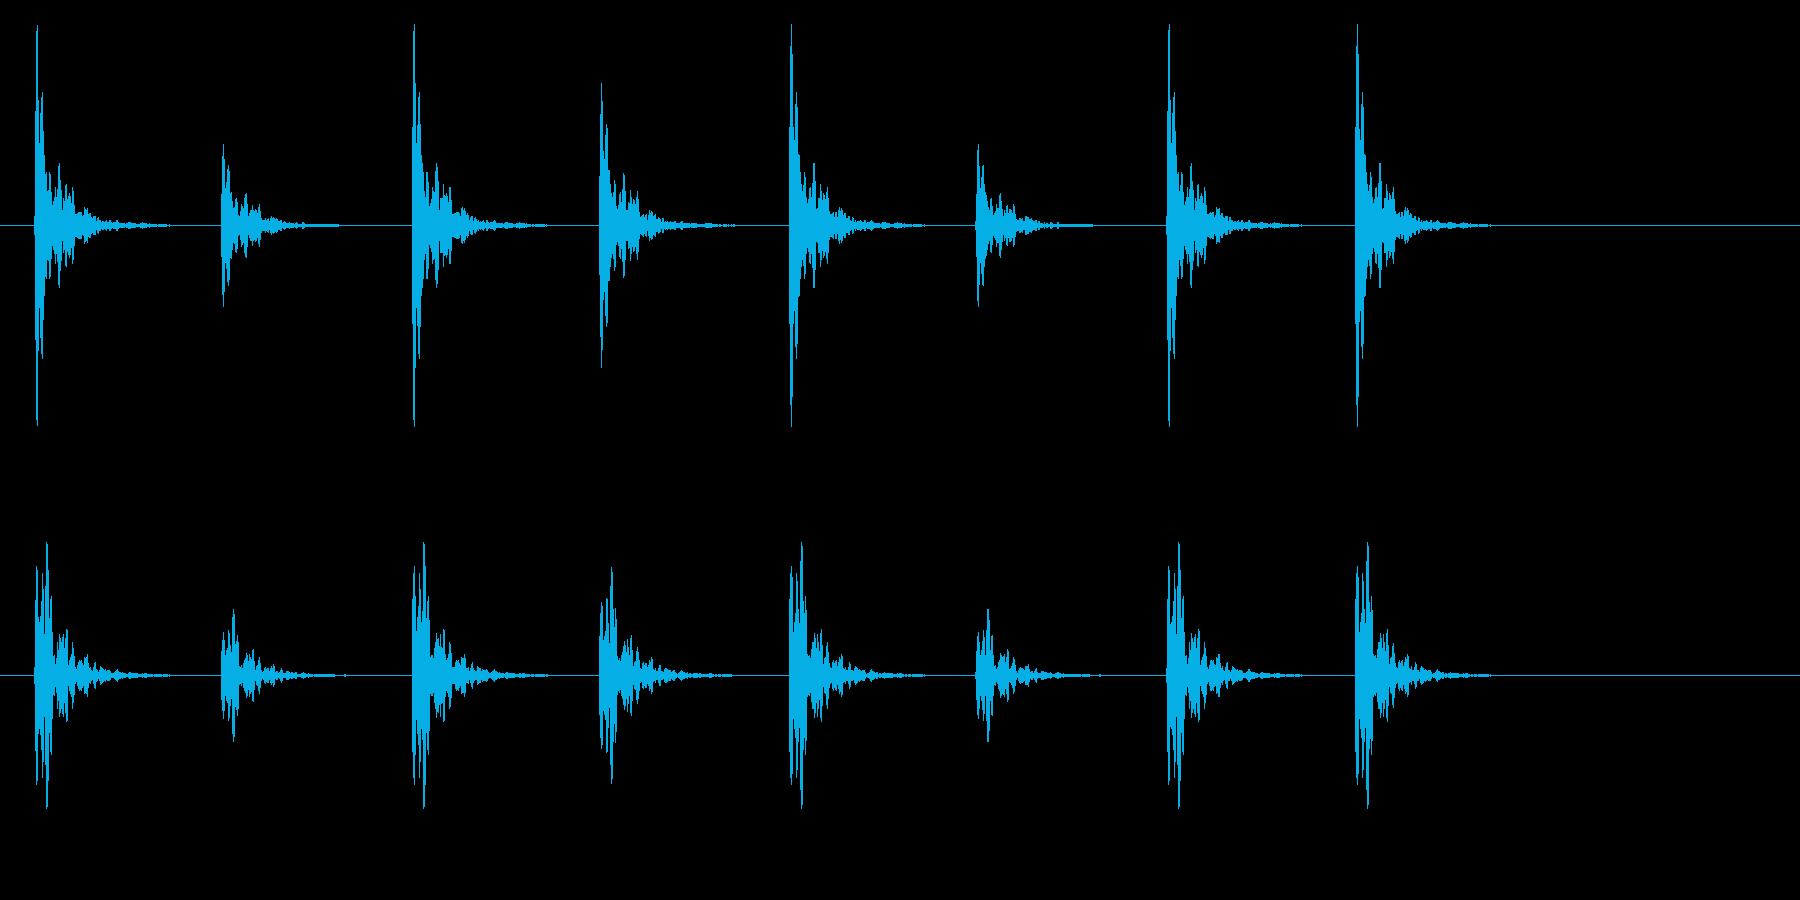 ポクポク2 木魚・シンキングタイム5秒の再生済みの波形